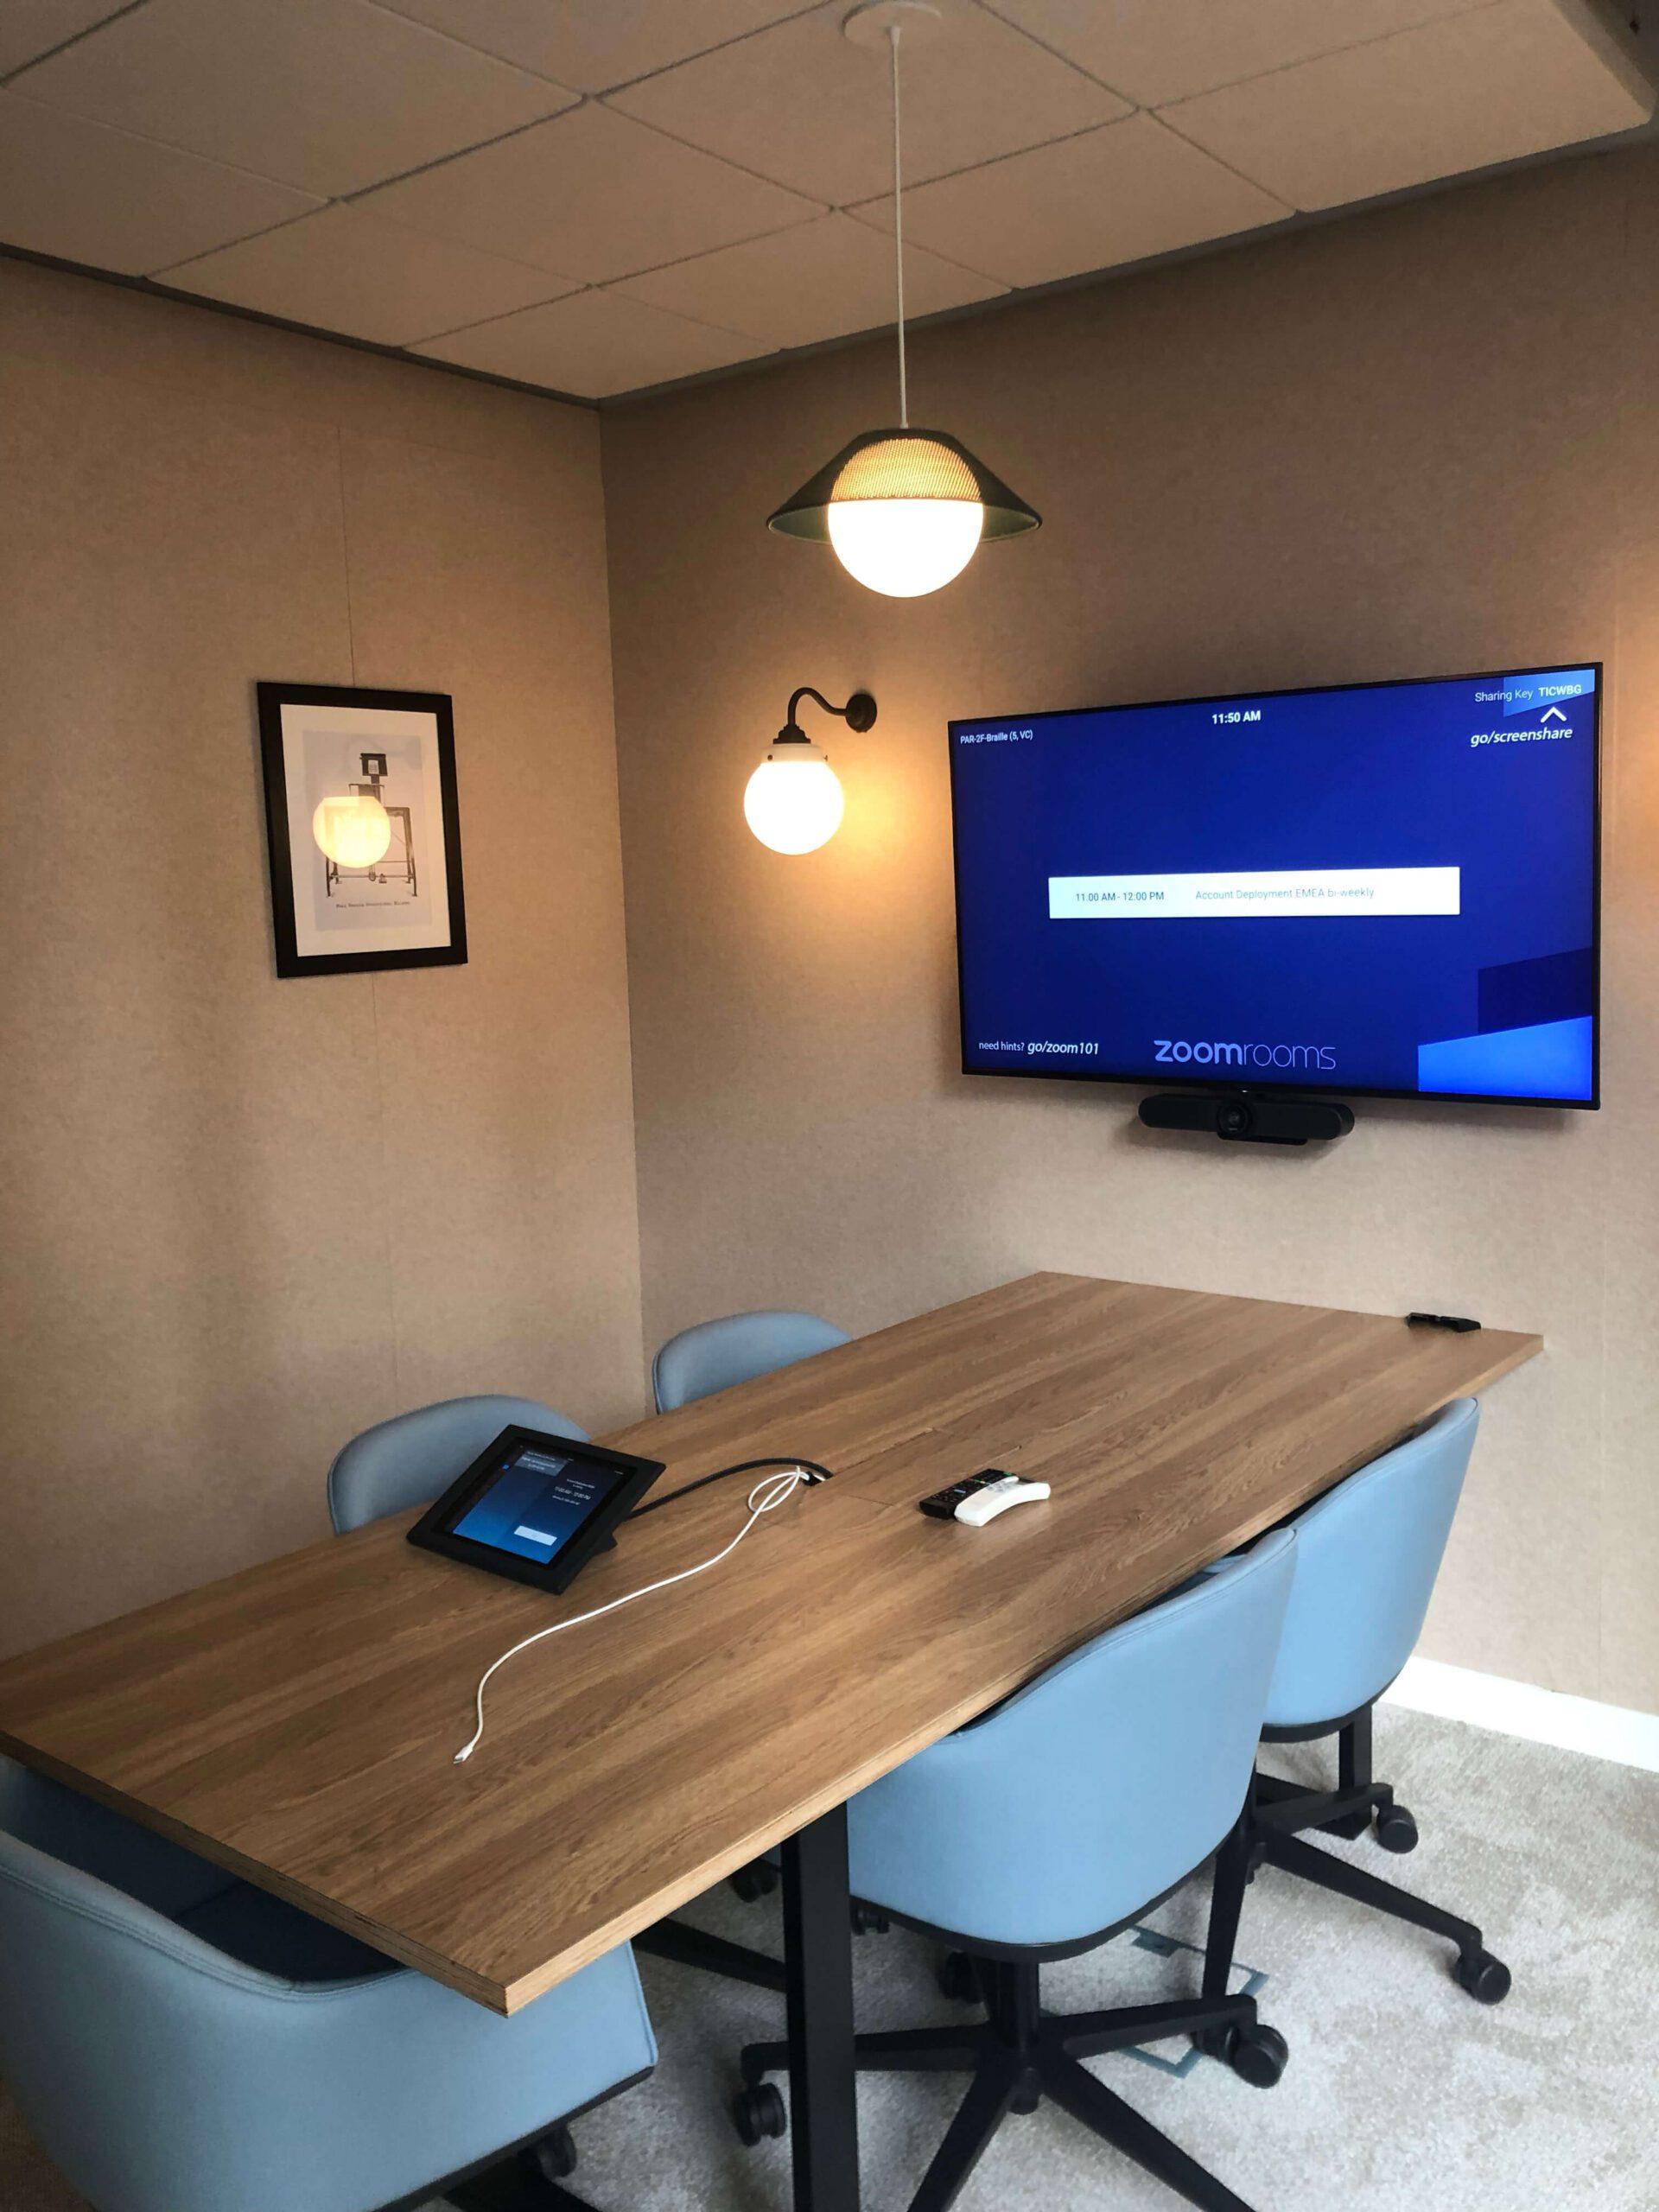 pequena sala de reuniões com mesa em madeira